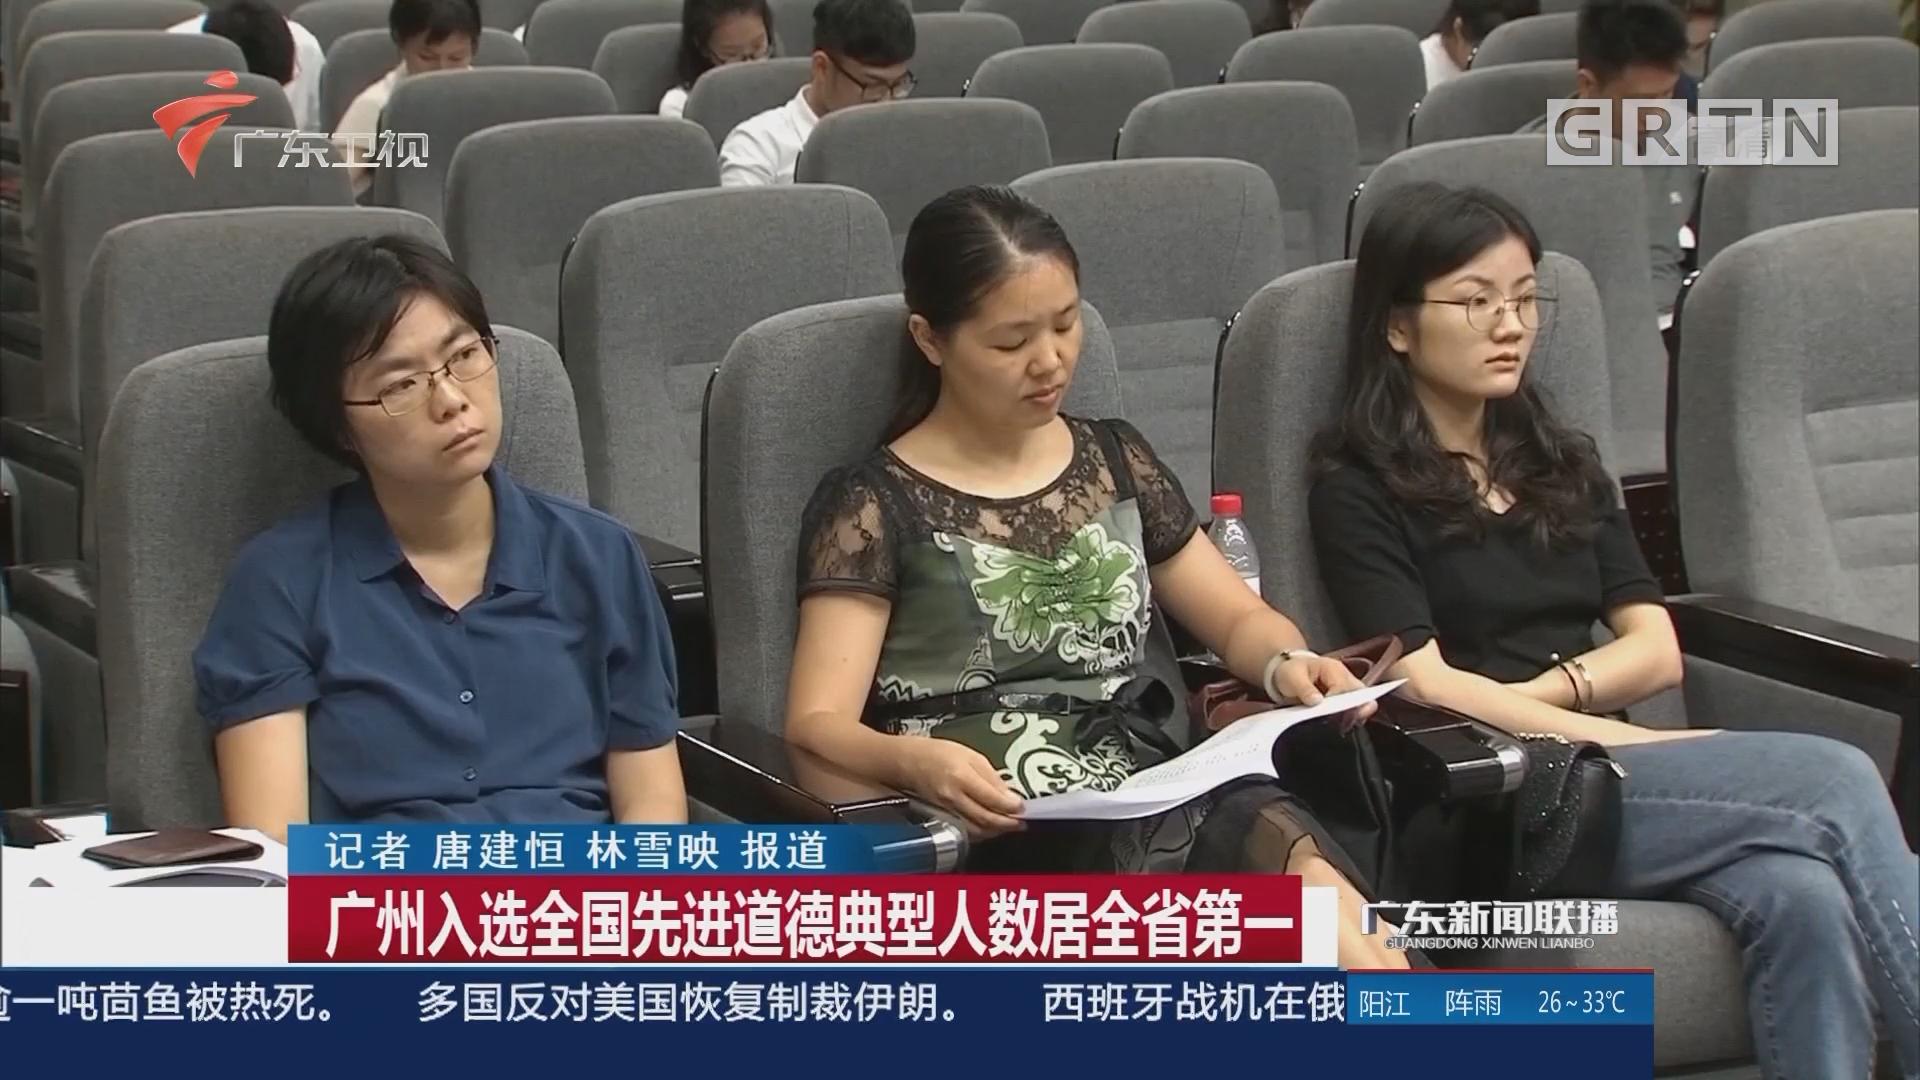 广州入选全国先进道德典型人数居全省第一